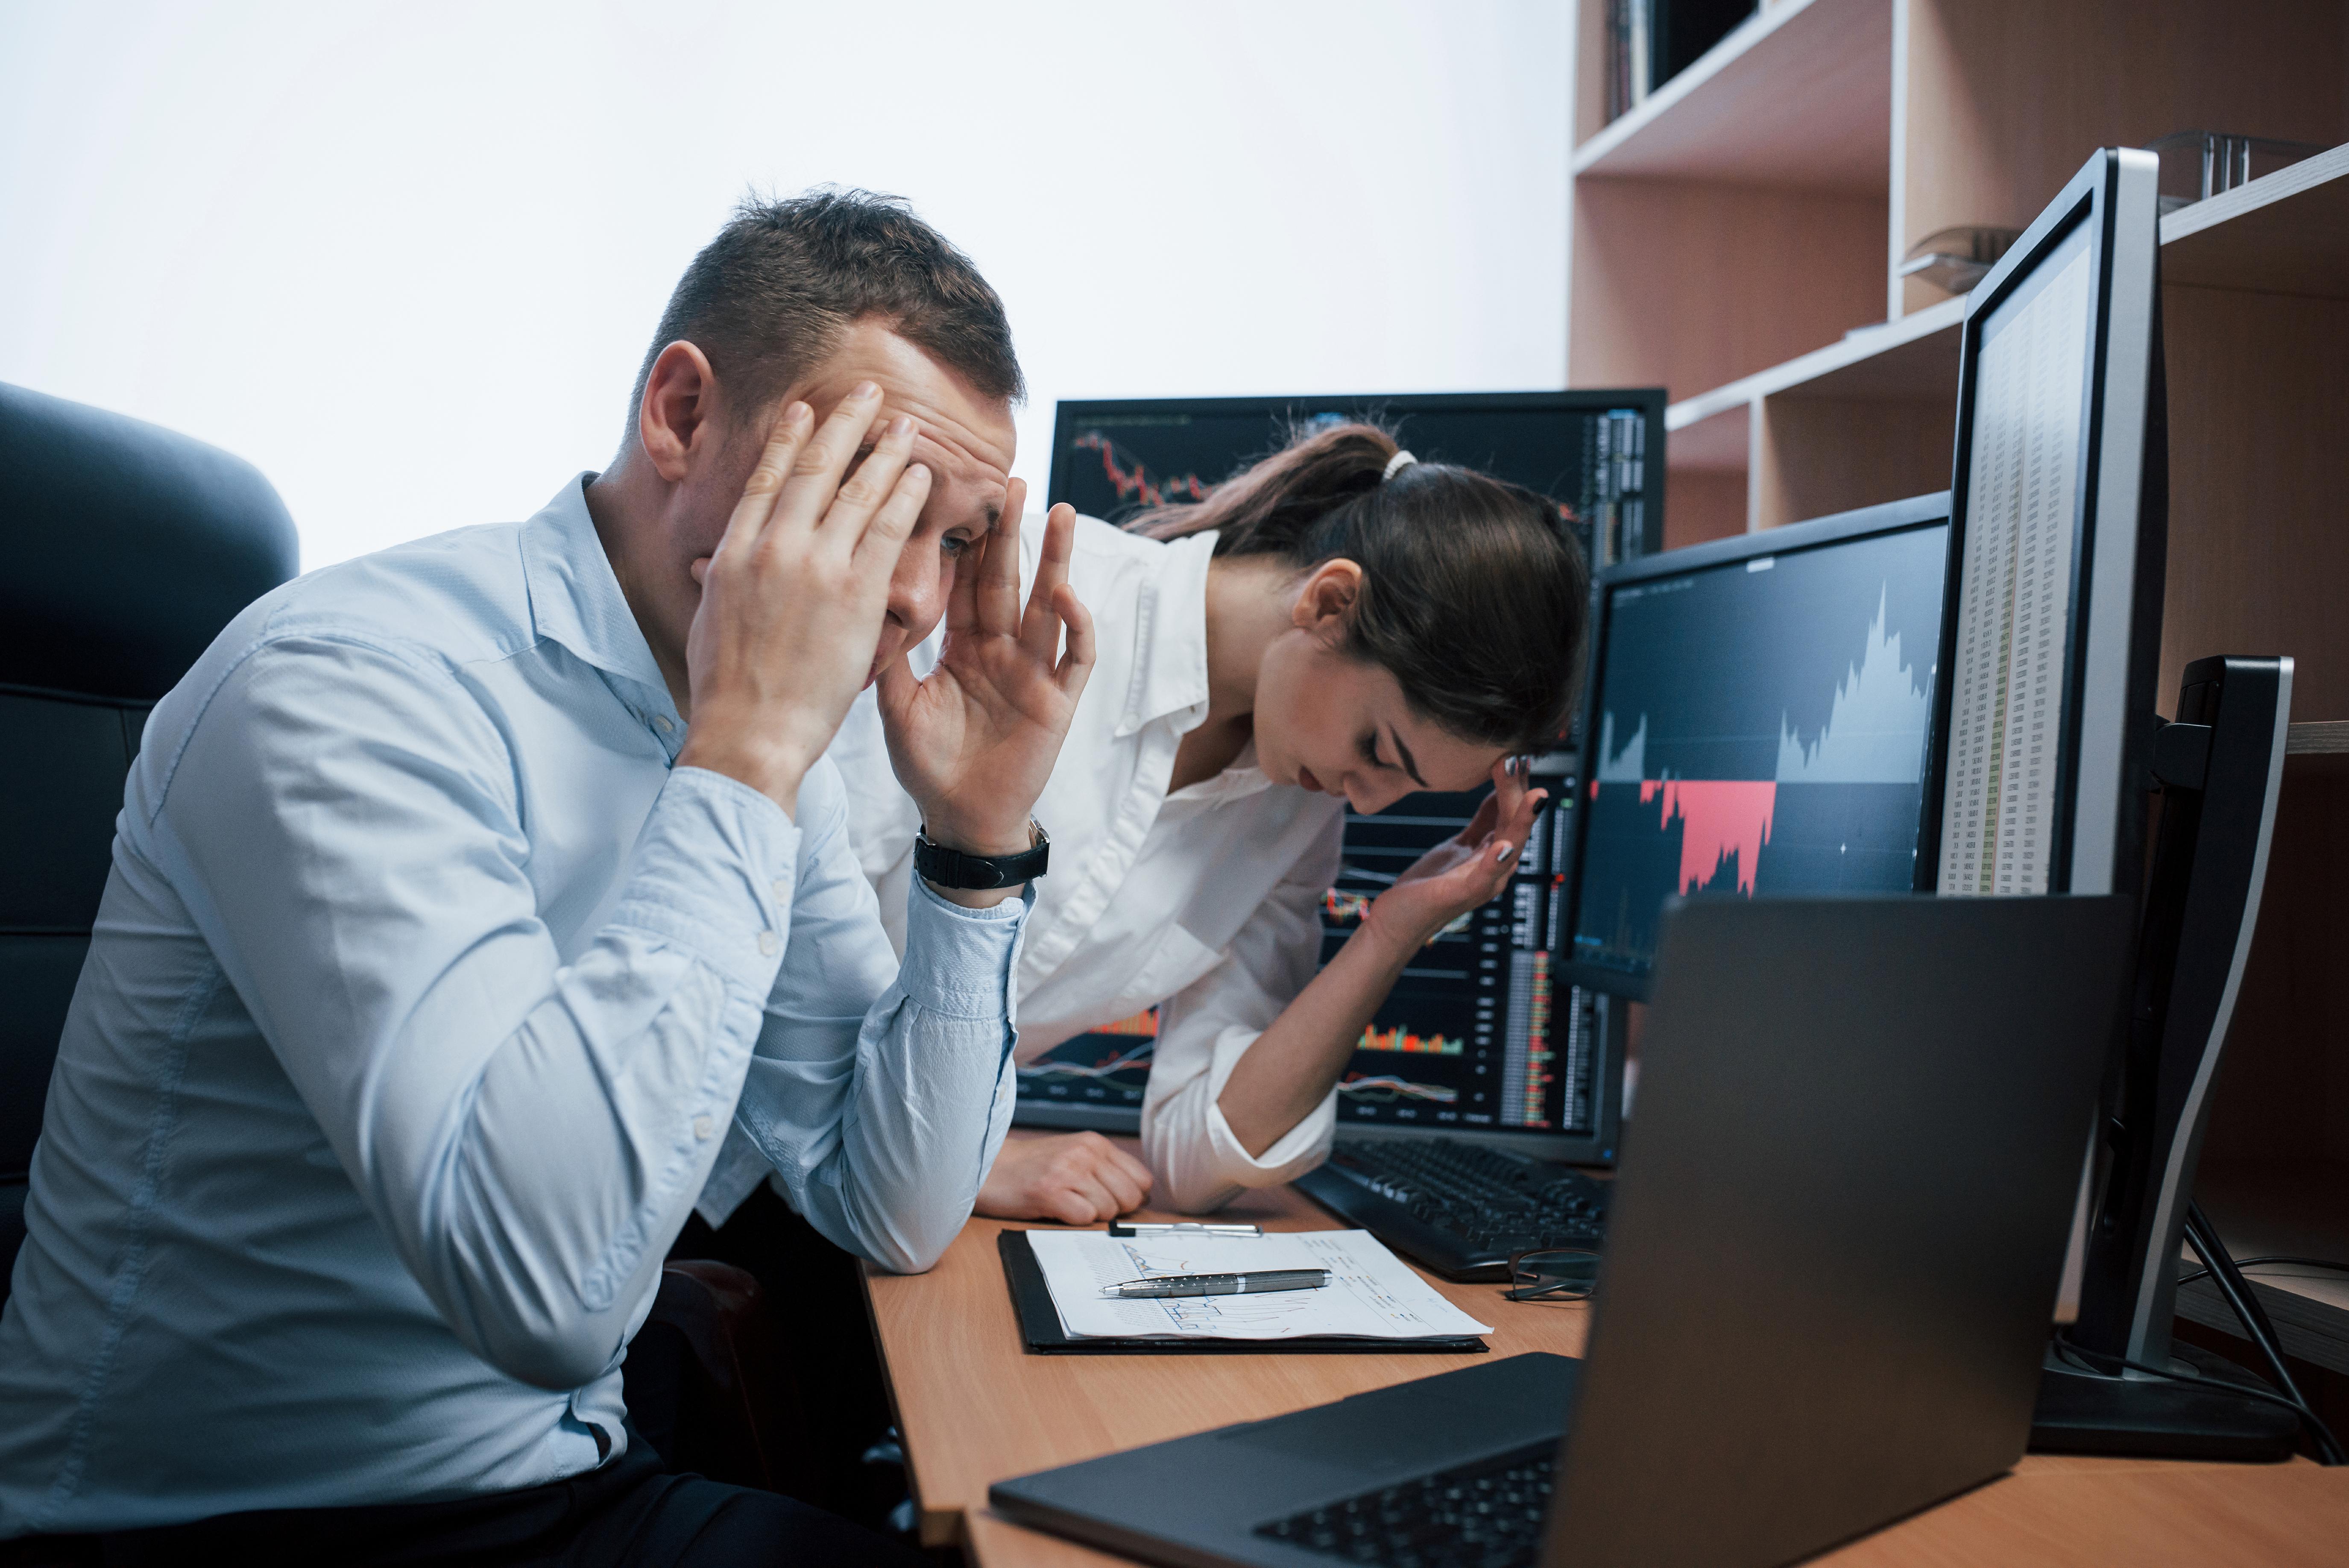 Bater a meta: por que a maioria dos vendedores não consegue?